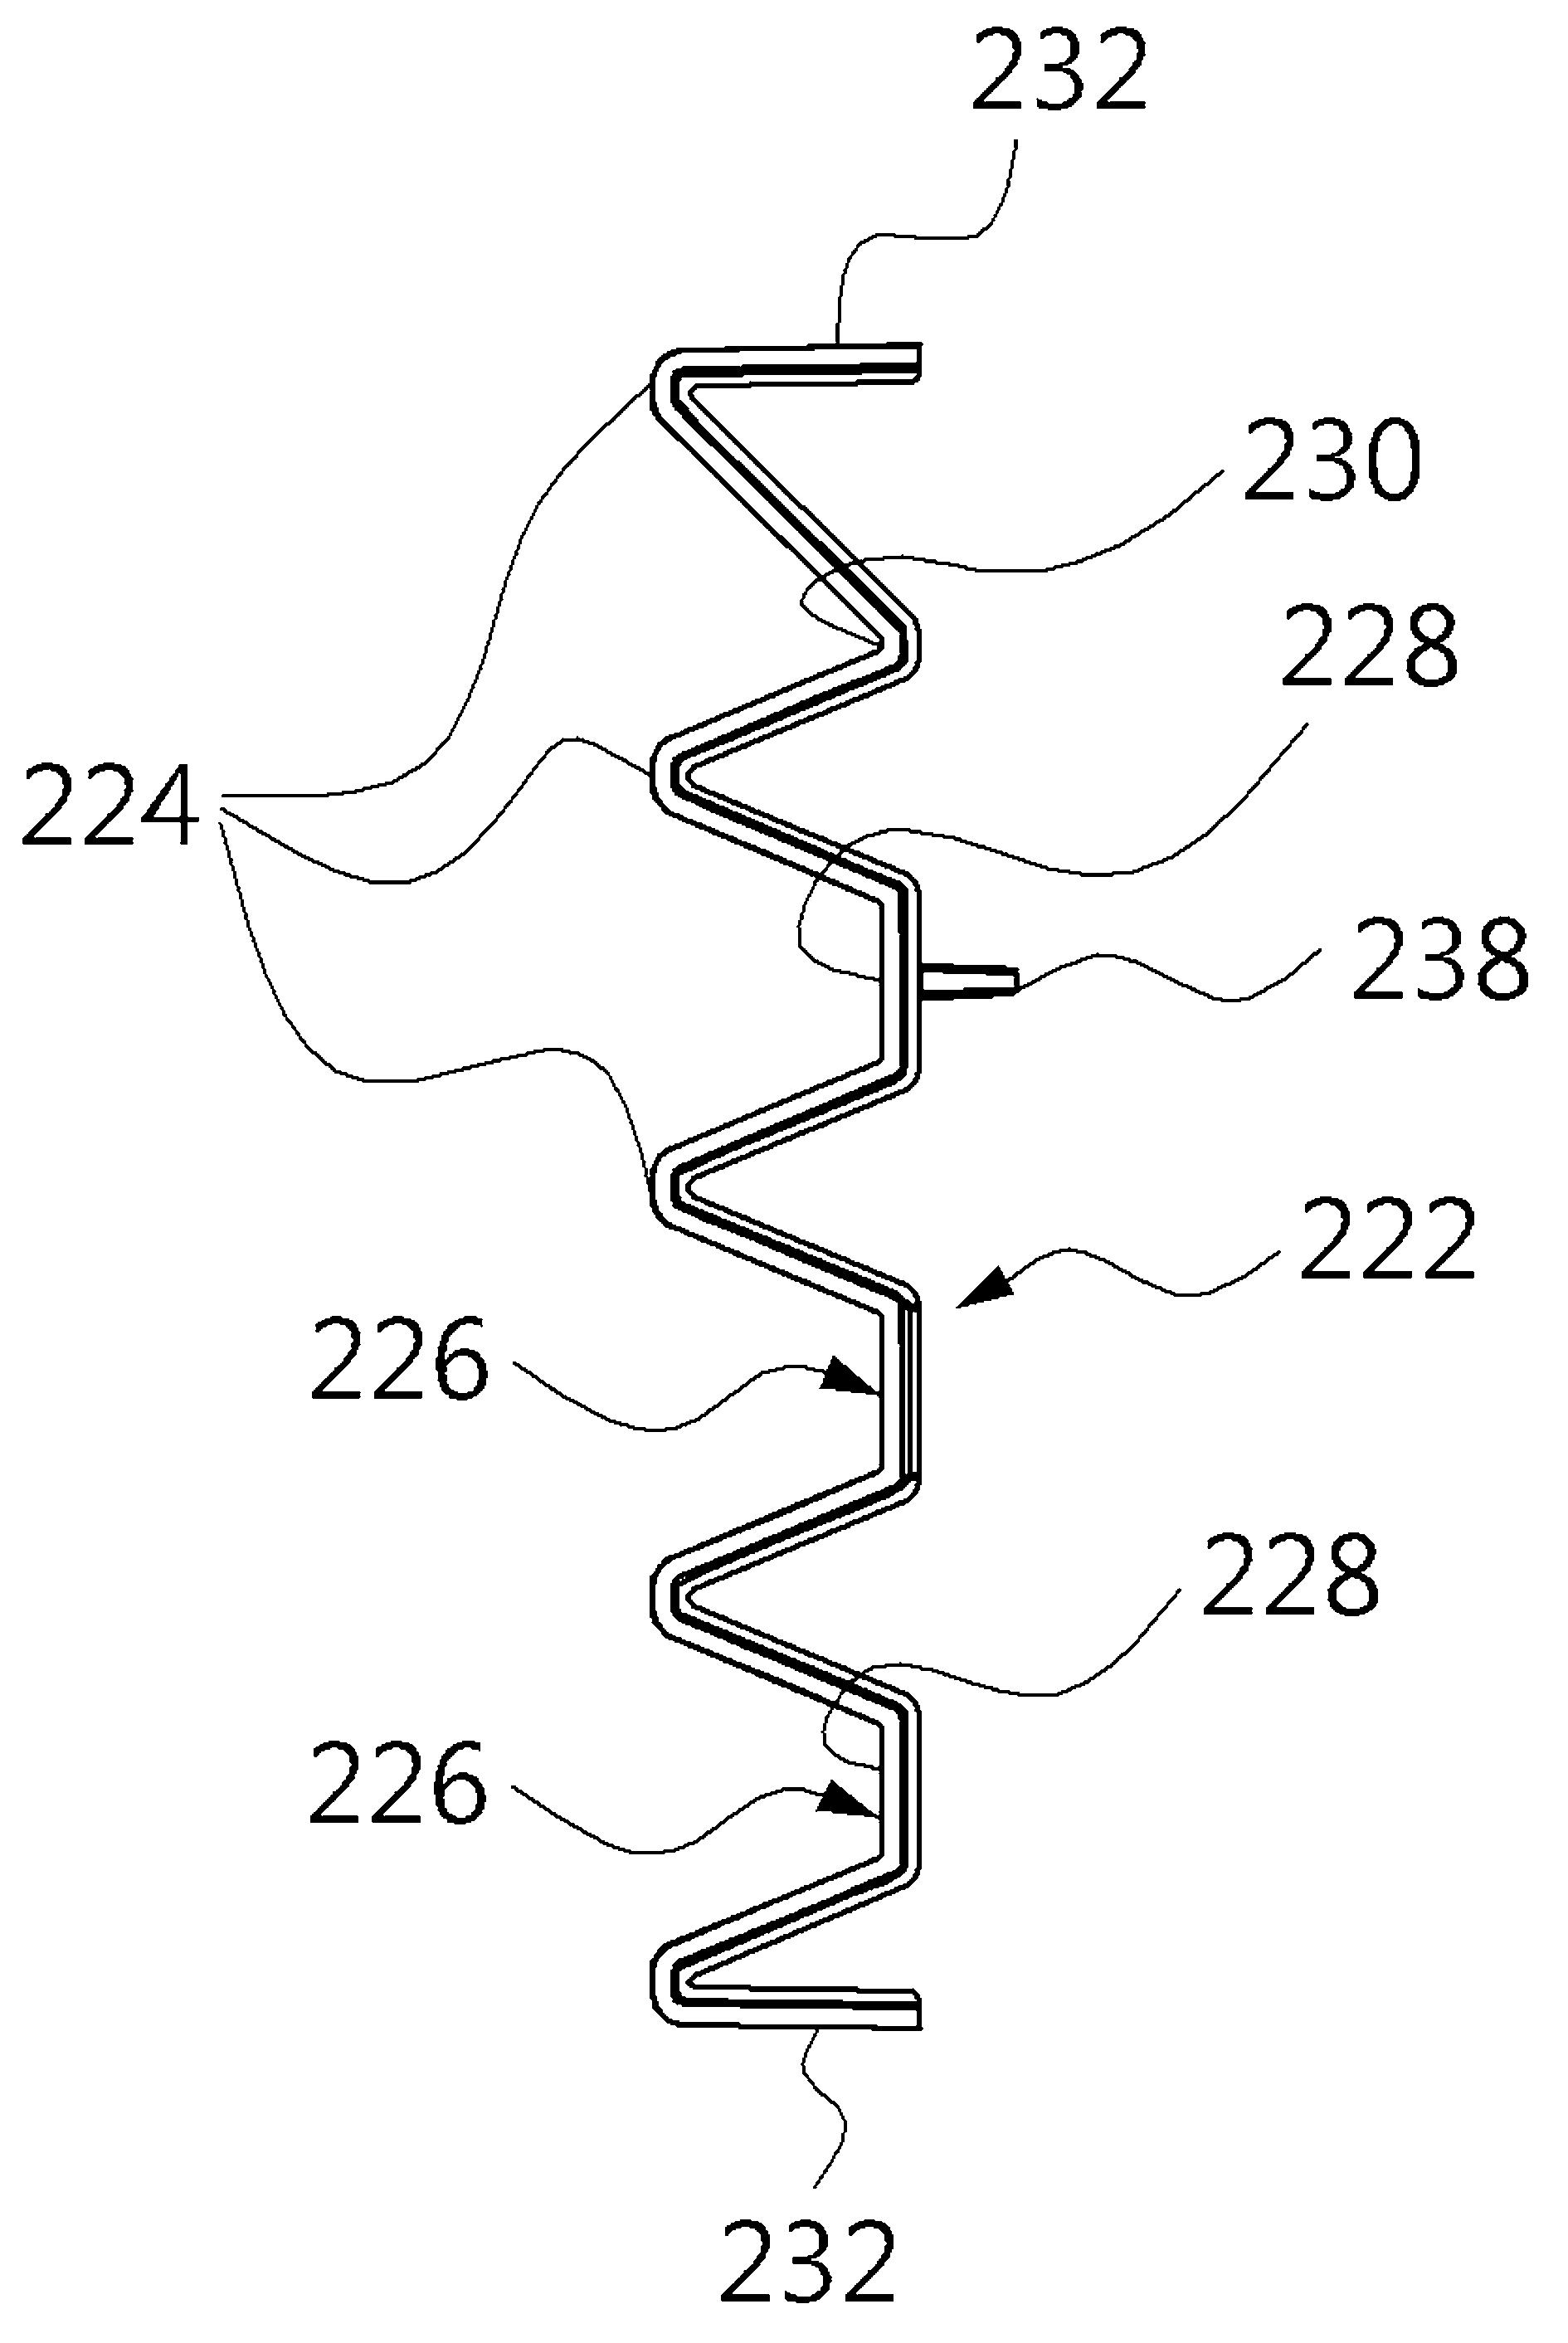 Dodge Neon Heater Core Location